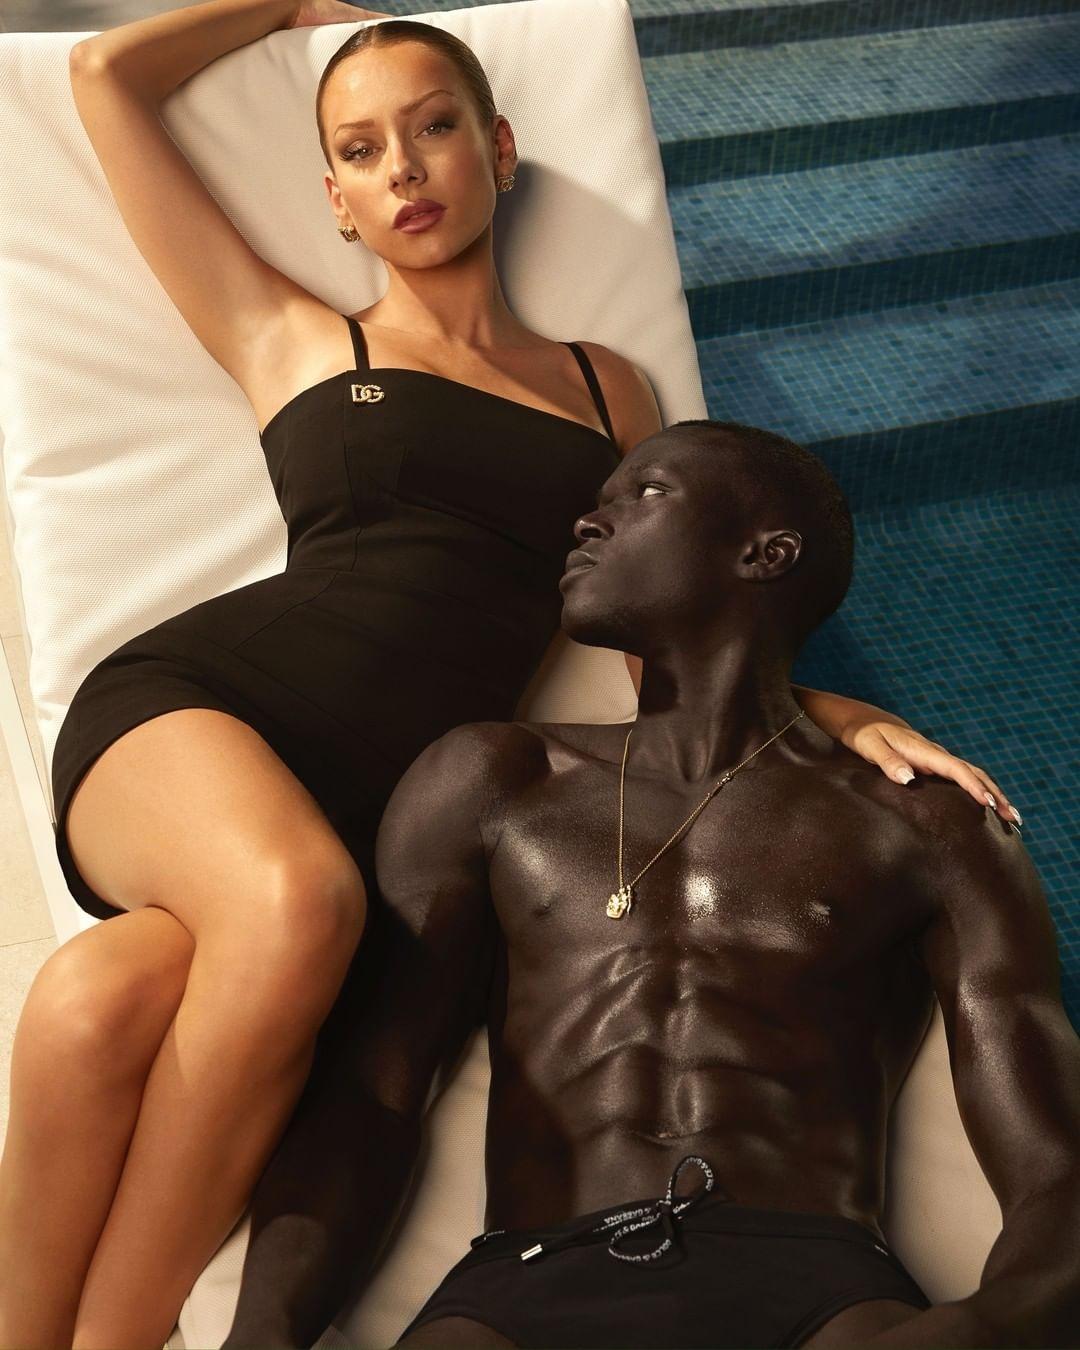 """Звезда сериала """"Элита"""" Эстер Экспосито стала лицом новой рекламной кампании Dolce&Gabbana (ФОТО) - фото №4"""